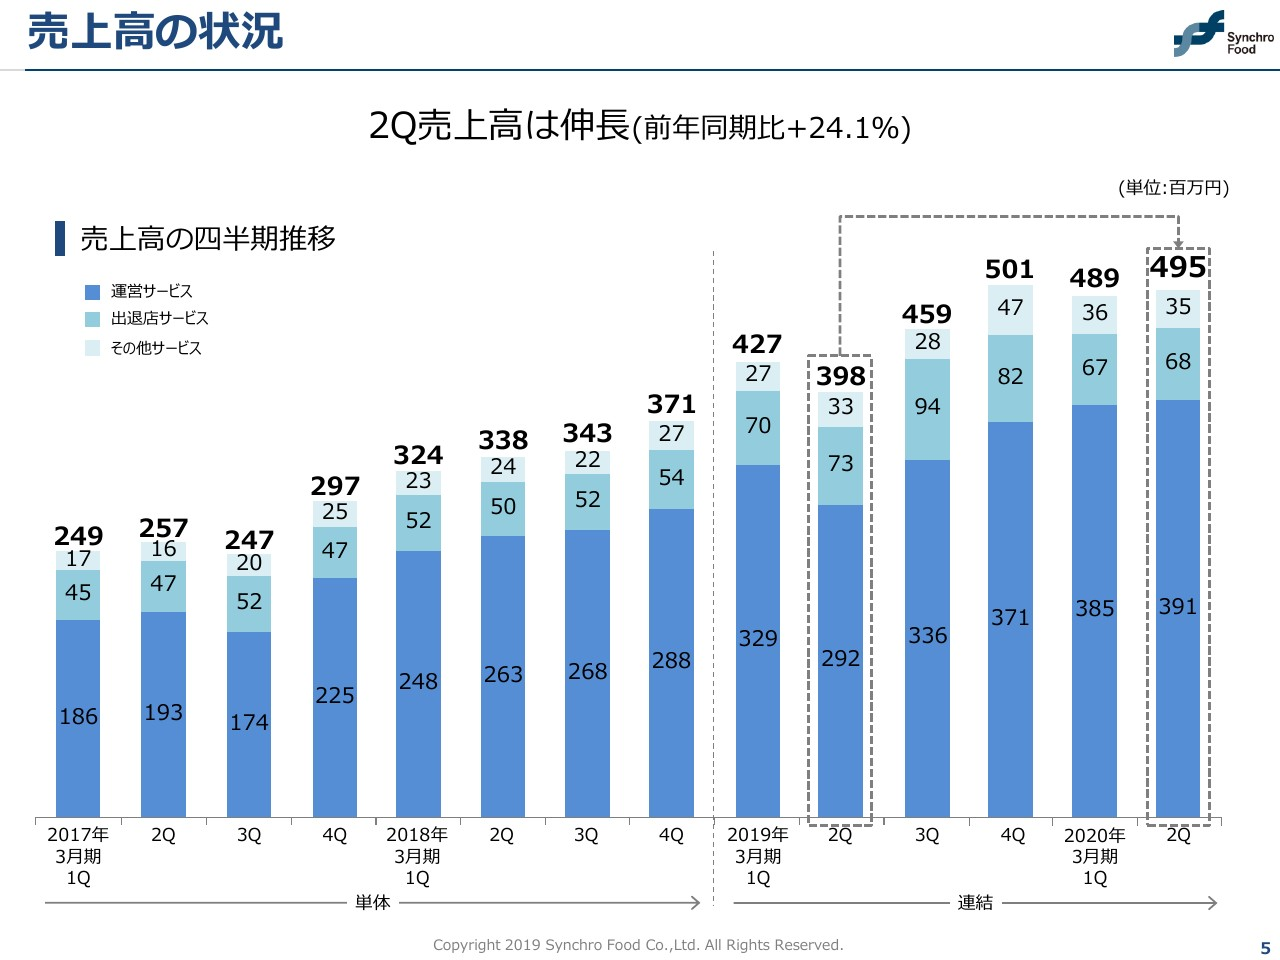 シンクロ・フード、2Q売上高は24.1%増 採用の前倒しによるコスト増で減益も計画の範囲内